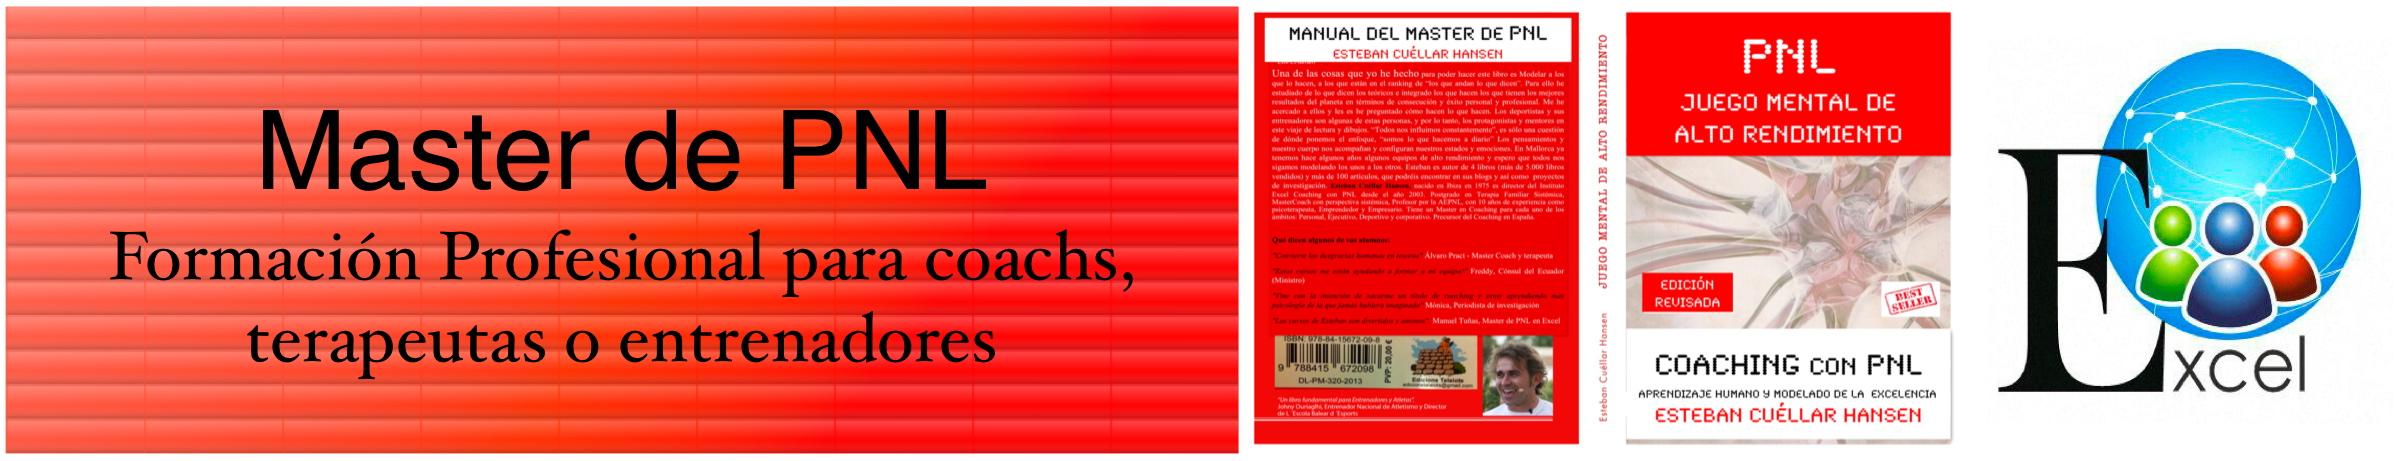 Banners Formación Completa de PNL